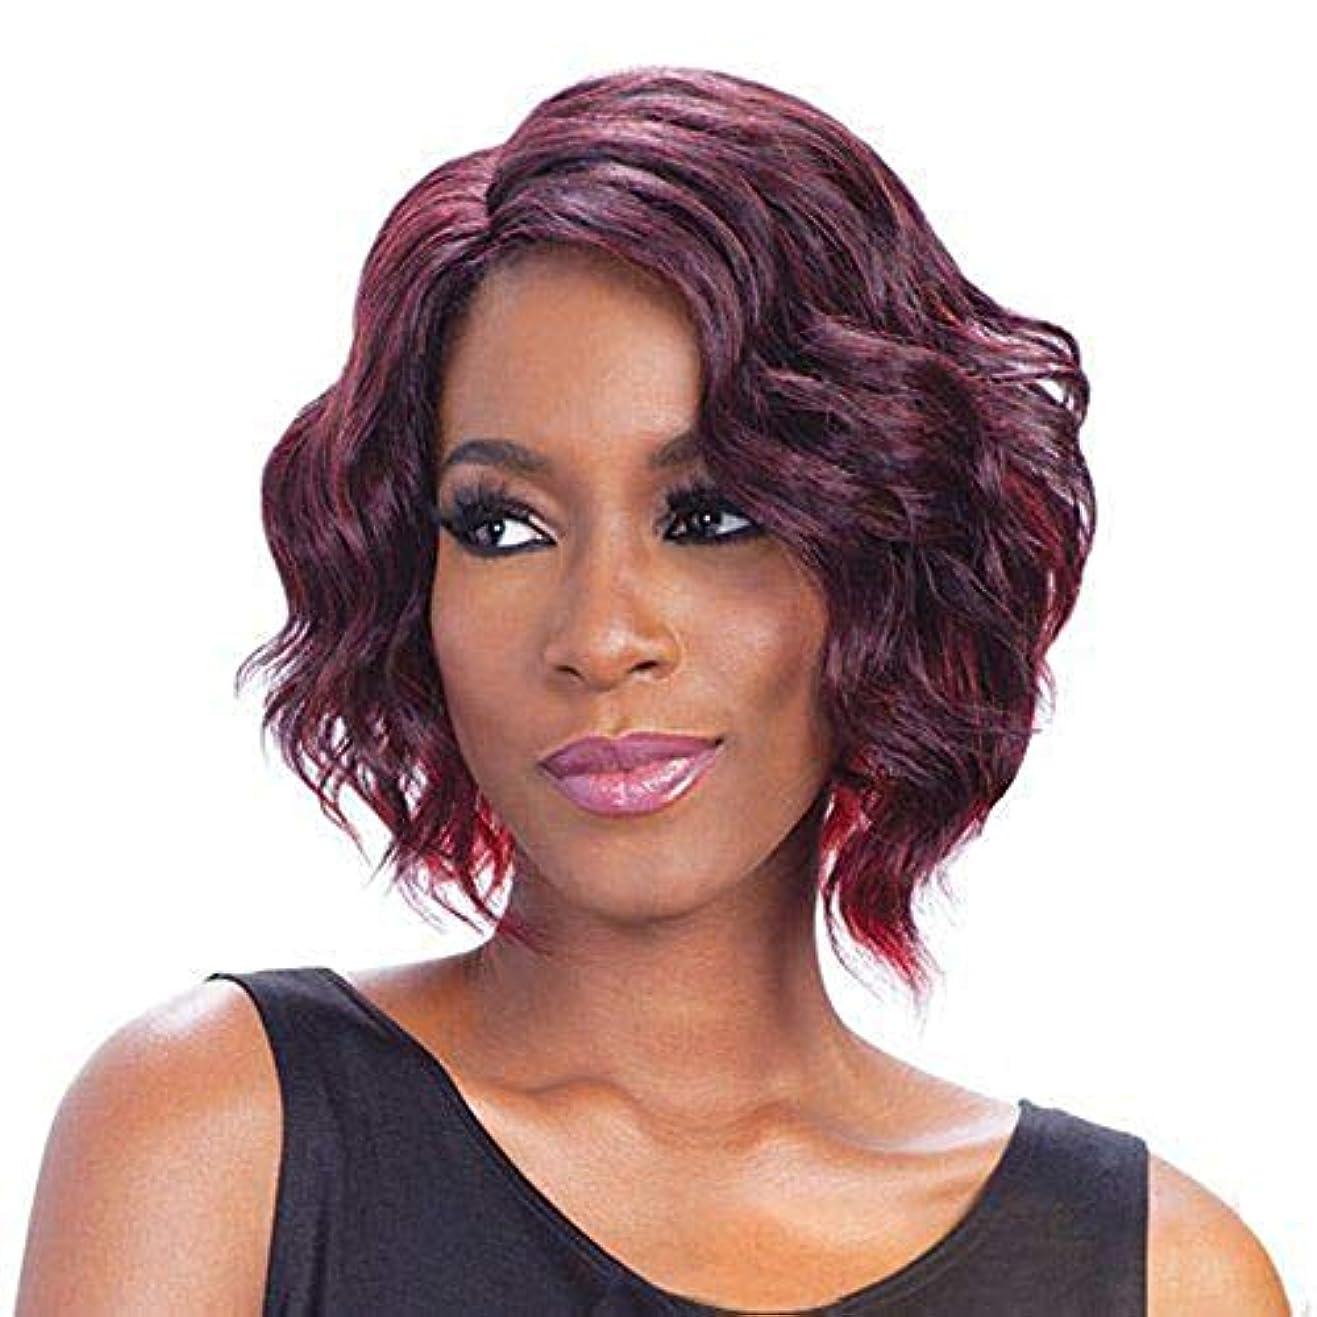 本土思いつく放散するYOUQIU 無料キャップウィッグを持つ女性耐熱人工毛のための短いワインレッドカーリーボブウィッグ (色 : ワインレッド)